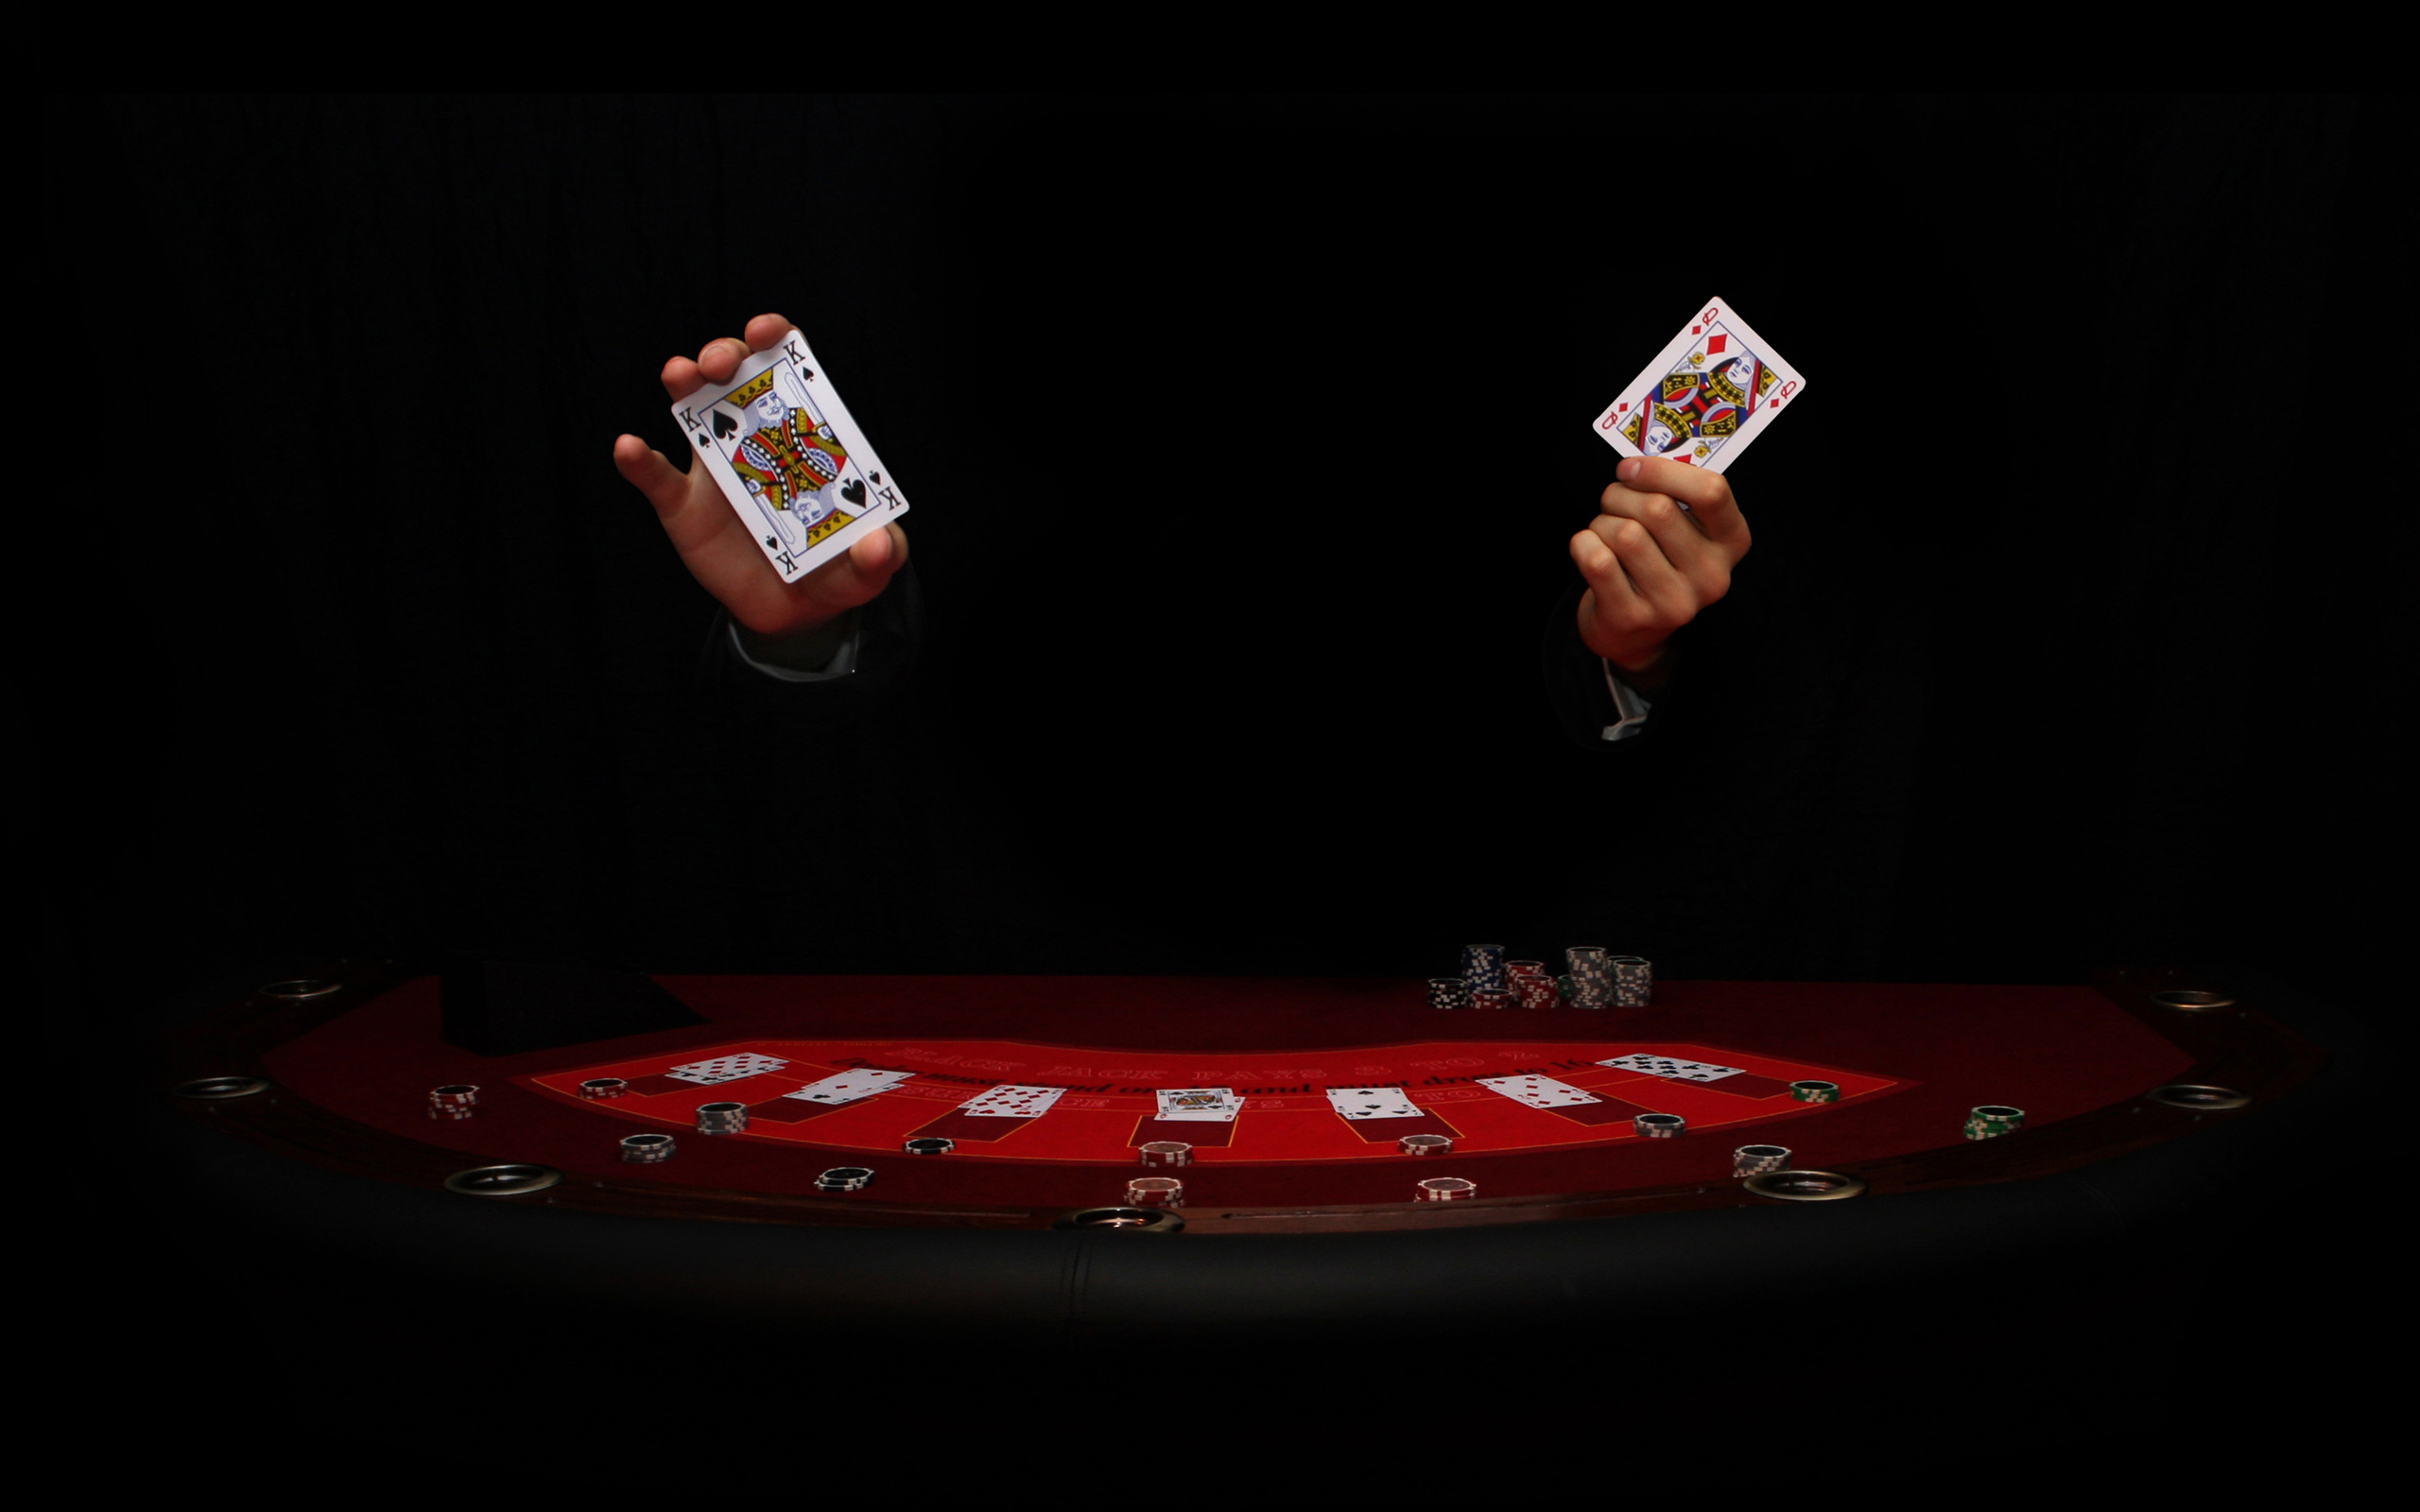 Онлайн казино играть на деньги сайт рулетка скачать игровые автоматы бесплатно megajack